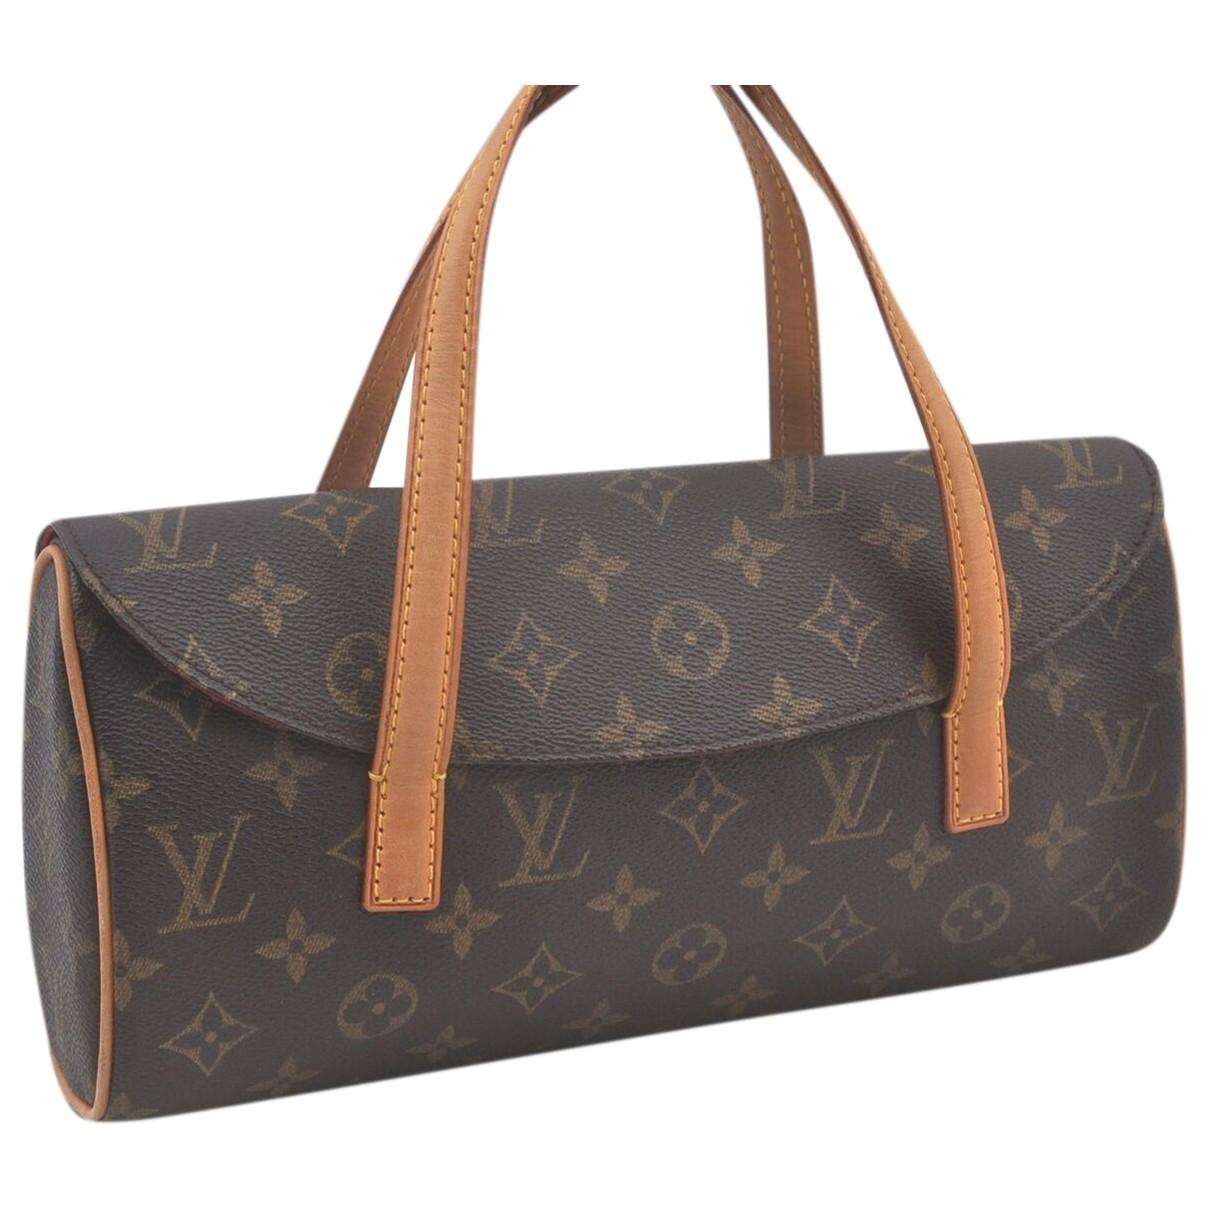 Louis Vuitton - Sac a main Sonatine pour femme en toile - marron